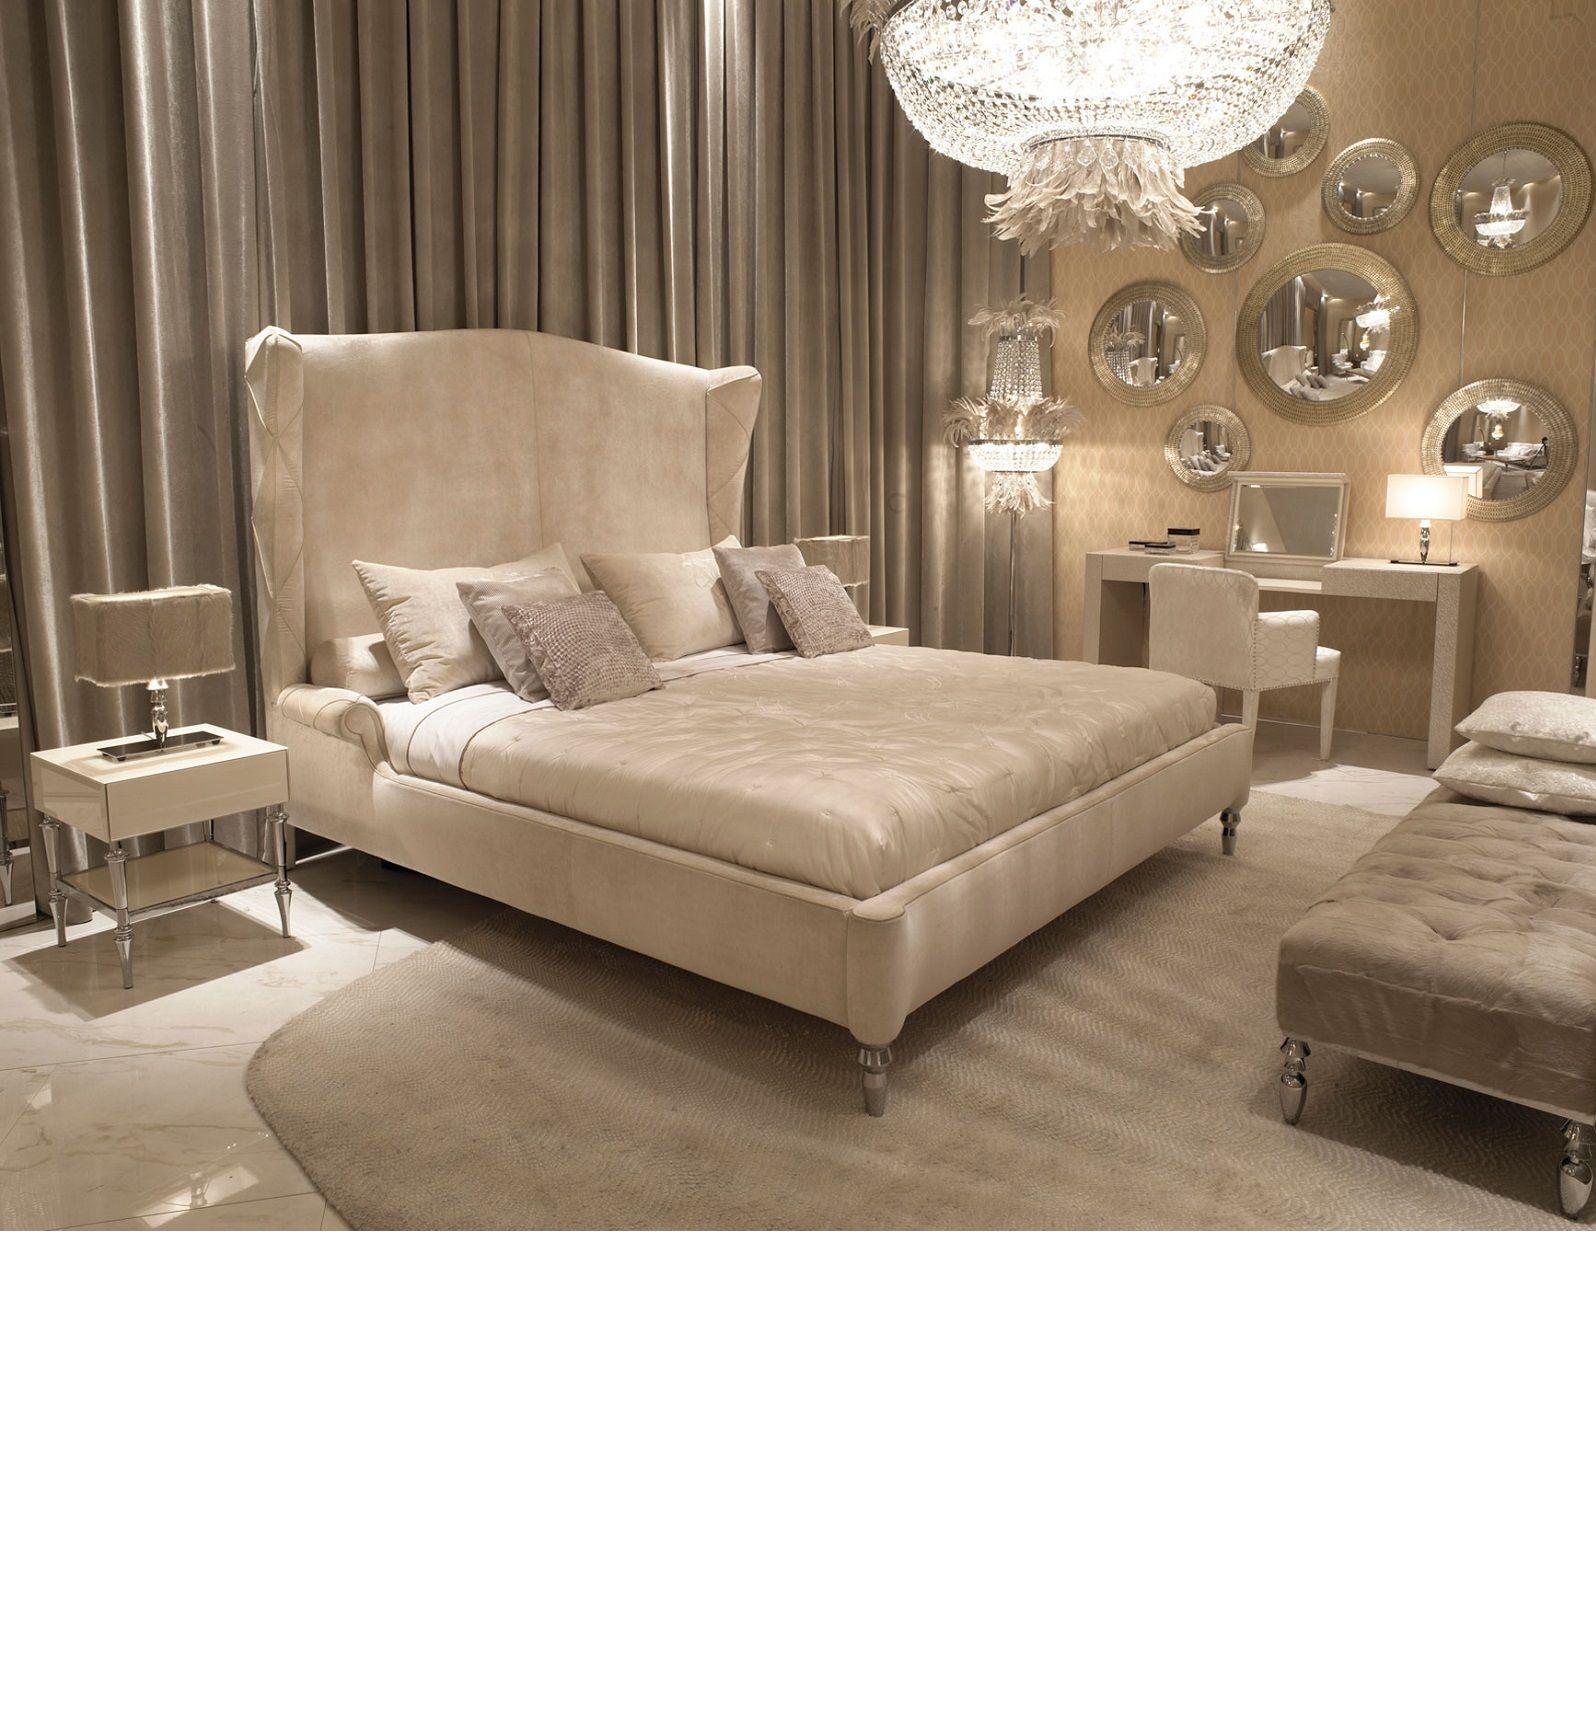 Ultra Luxury Apartment Design: Luxury Interior Design, Ultra High End Signature